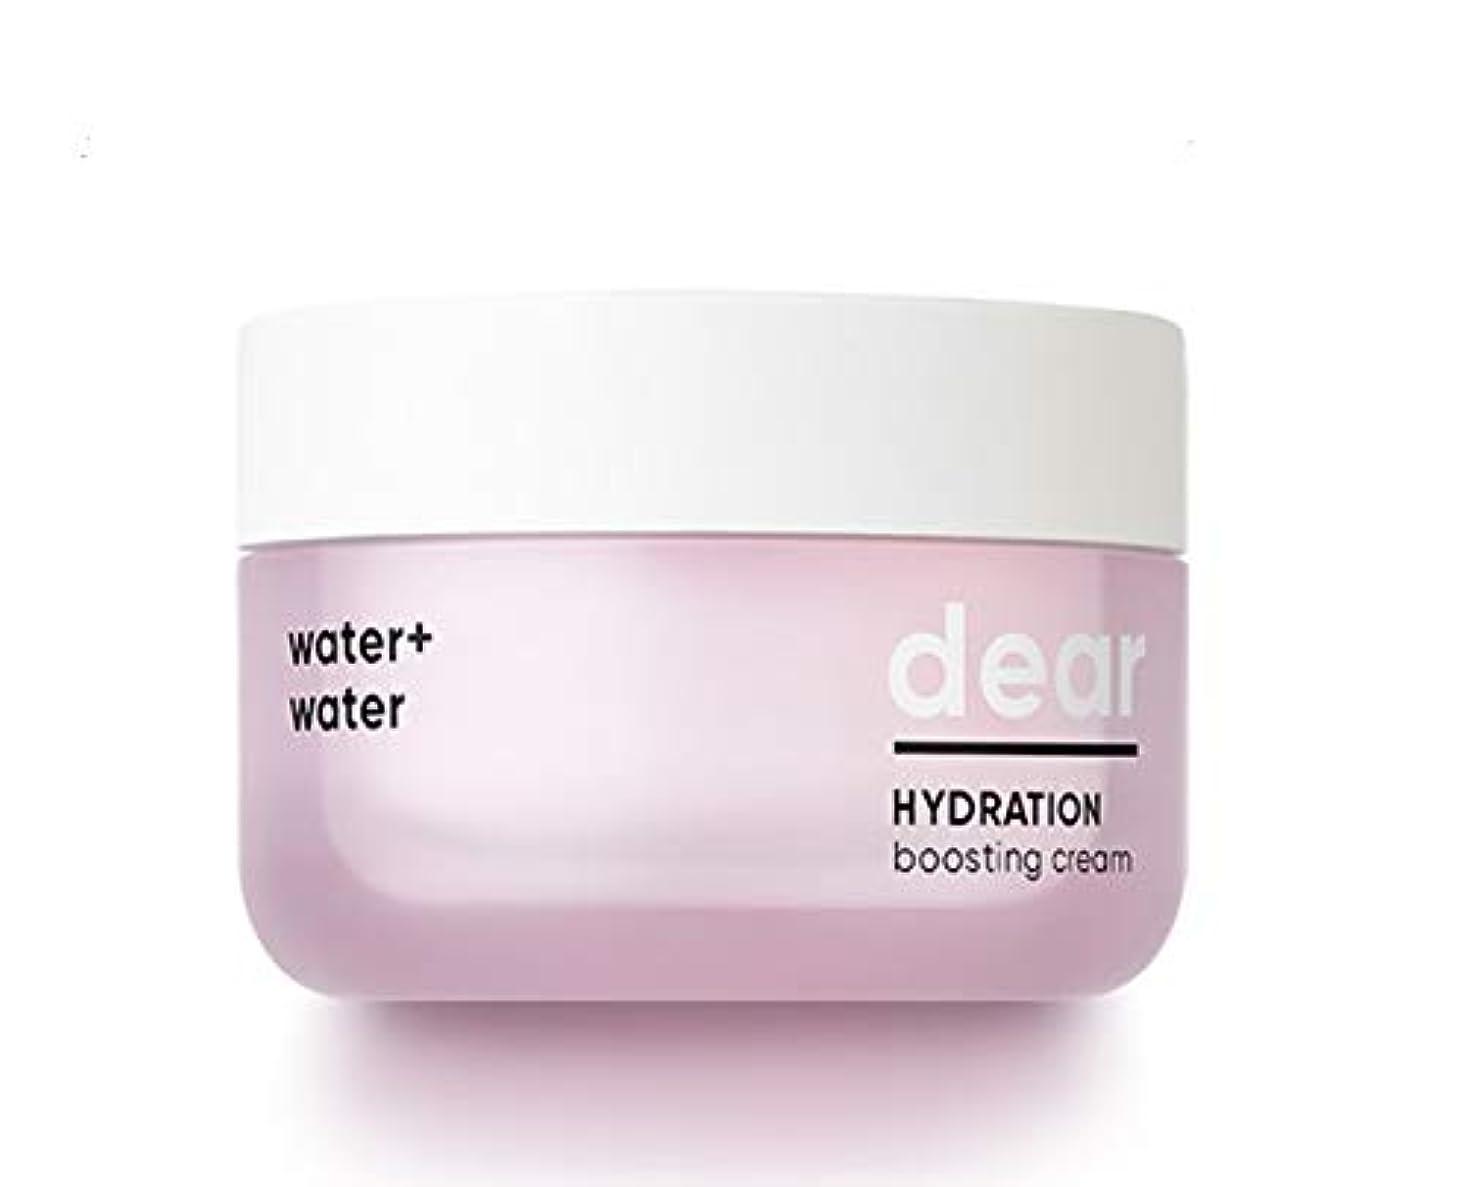 取得する傘徴収[New] BANILA CO dear Hydration Boosting Cream 50ml / (Banila co) パニルラ鼻ディアハイドゥレイションブースティングクリーム50ml [並行輸入品]